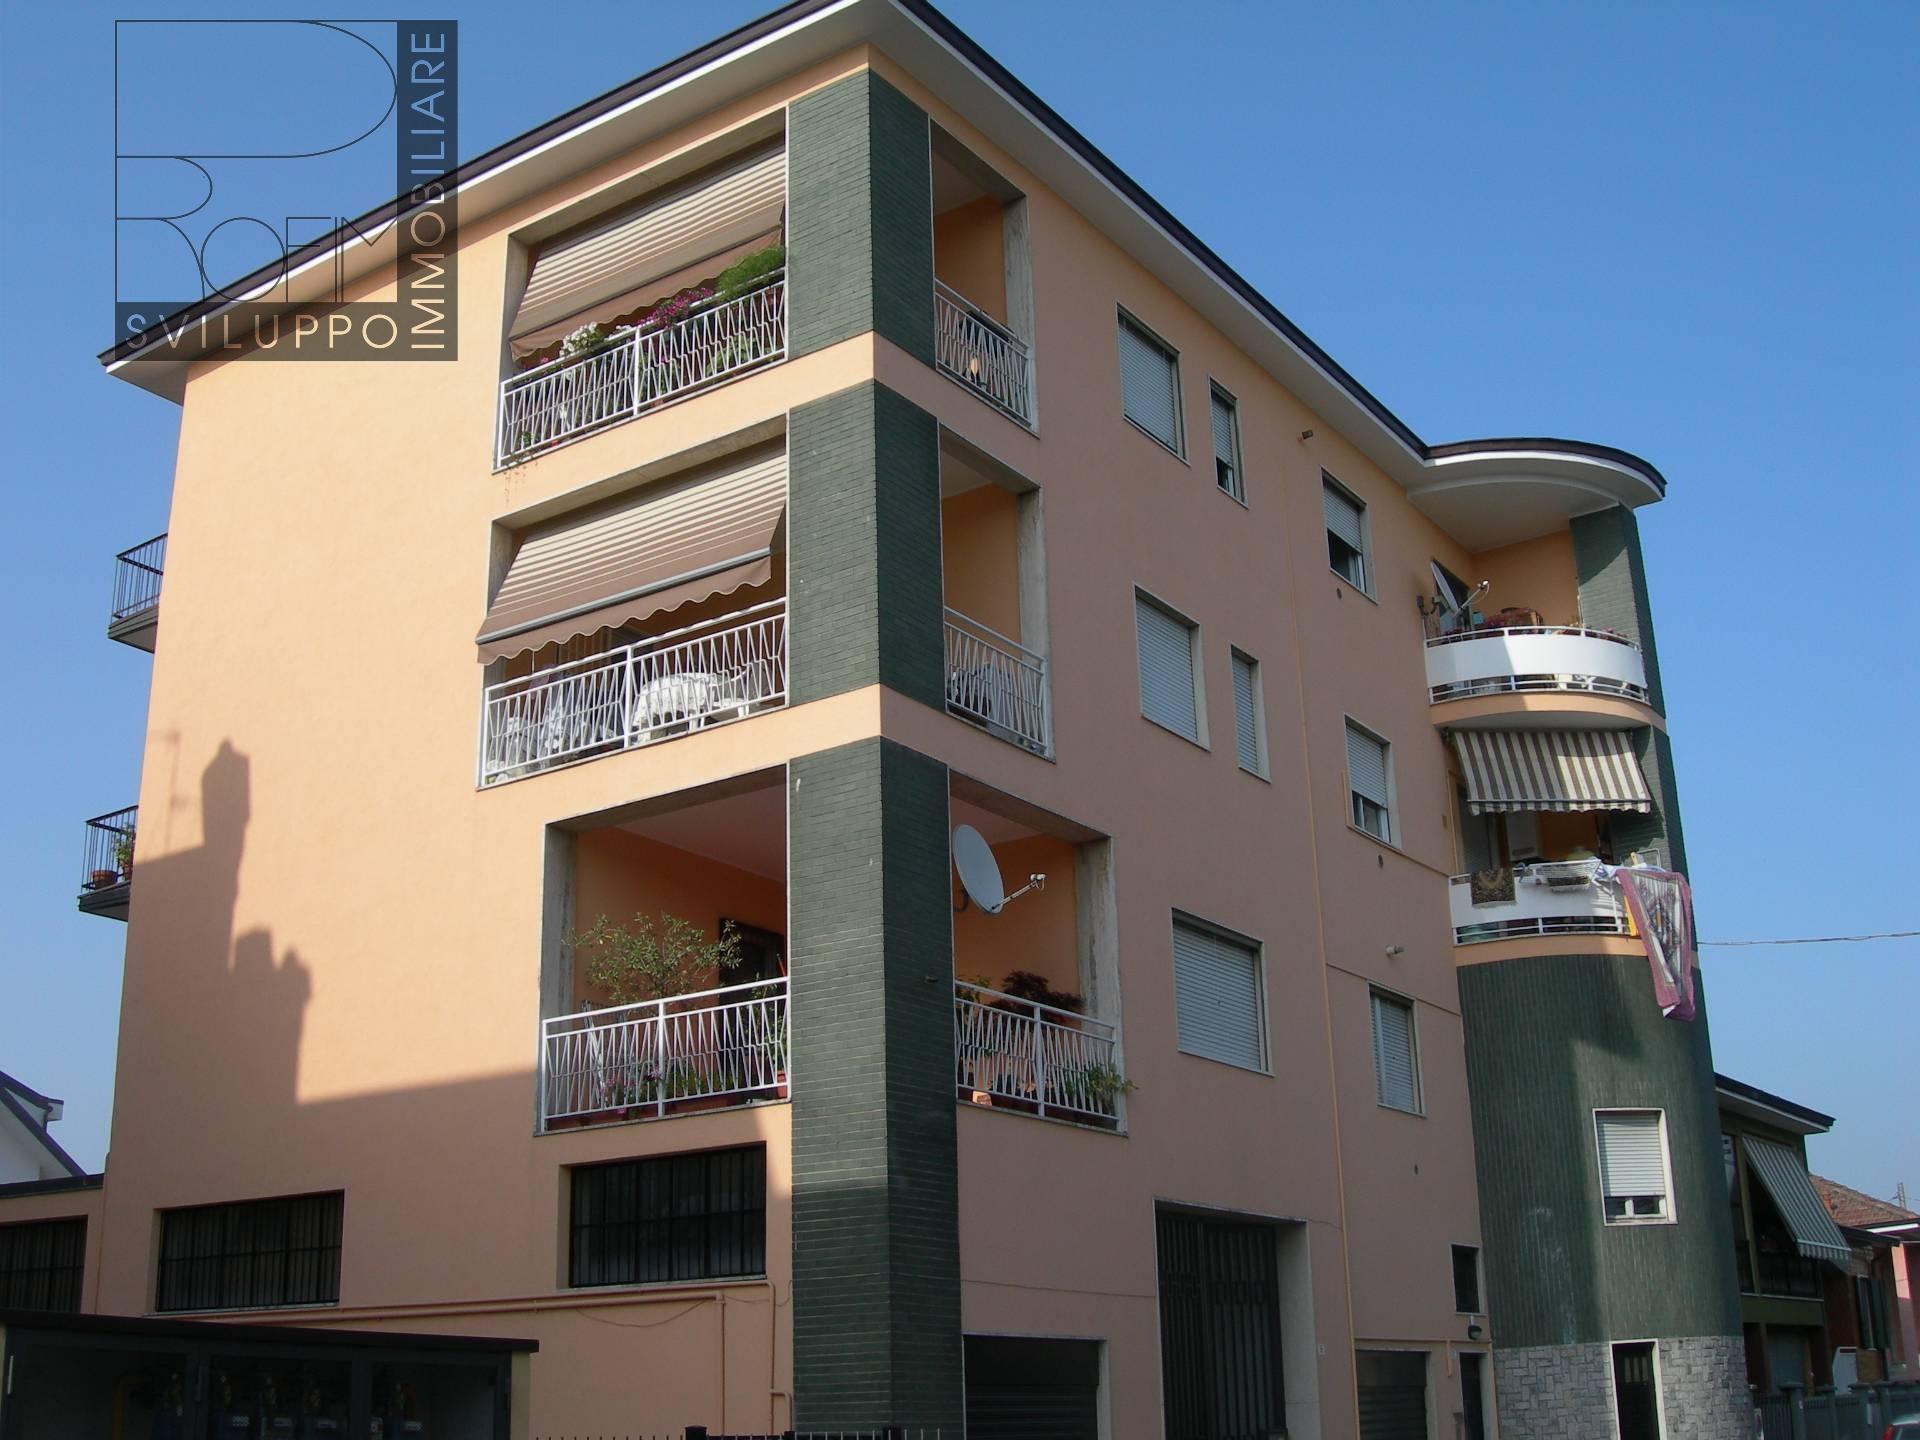 Appartamento in affitto a Paullo, 2 locali, prezzo € 400 | Cambio Casa.it